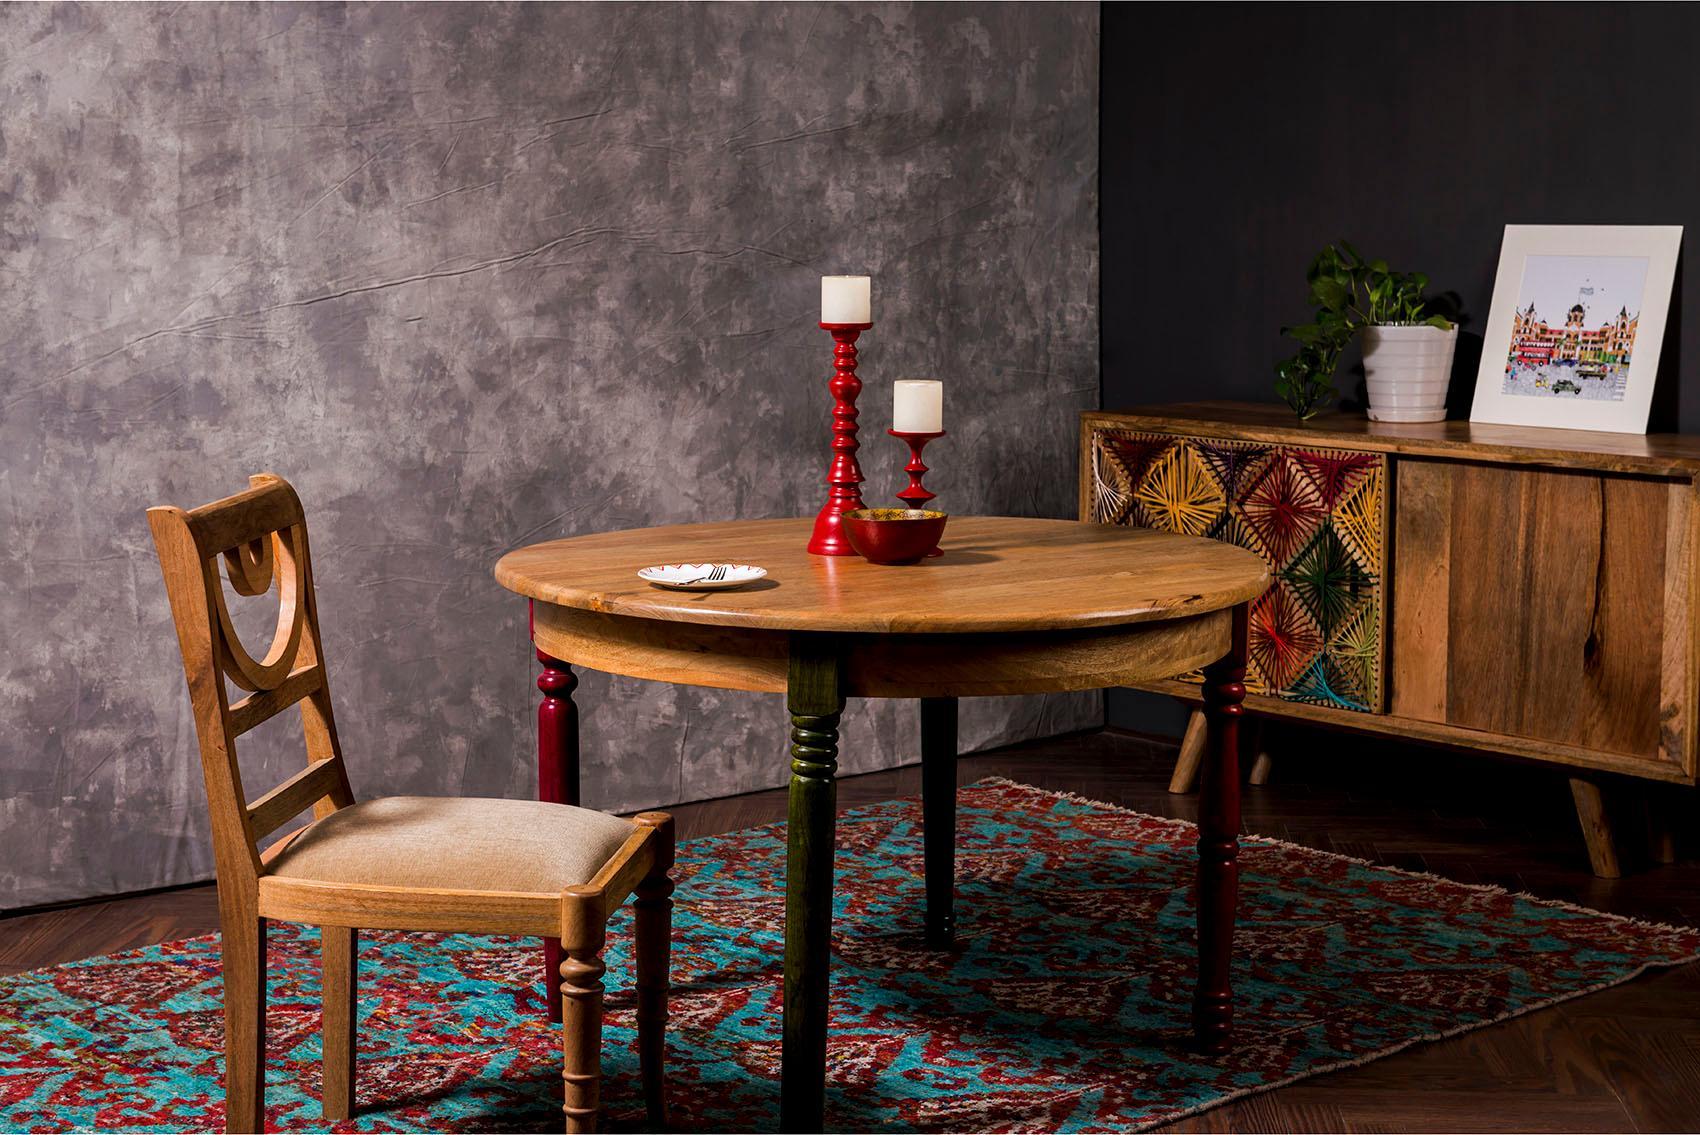 Esstisch Fiore mit runder Tischplatte und jeweils unterschiedlich farbigen Tischbeinen